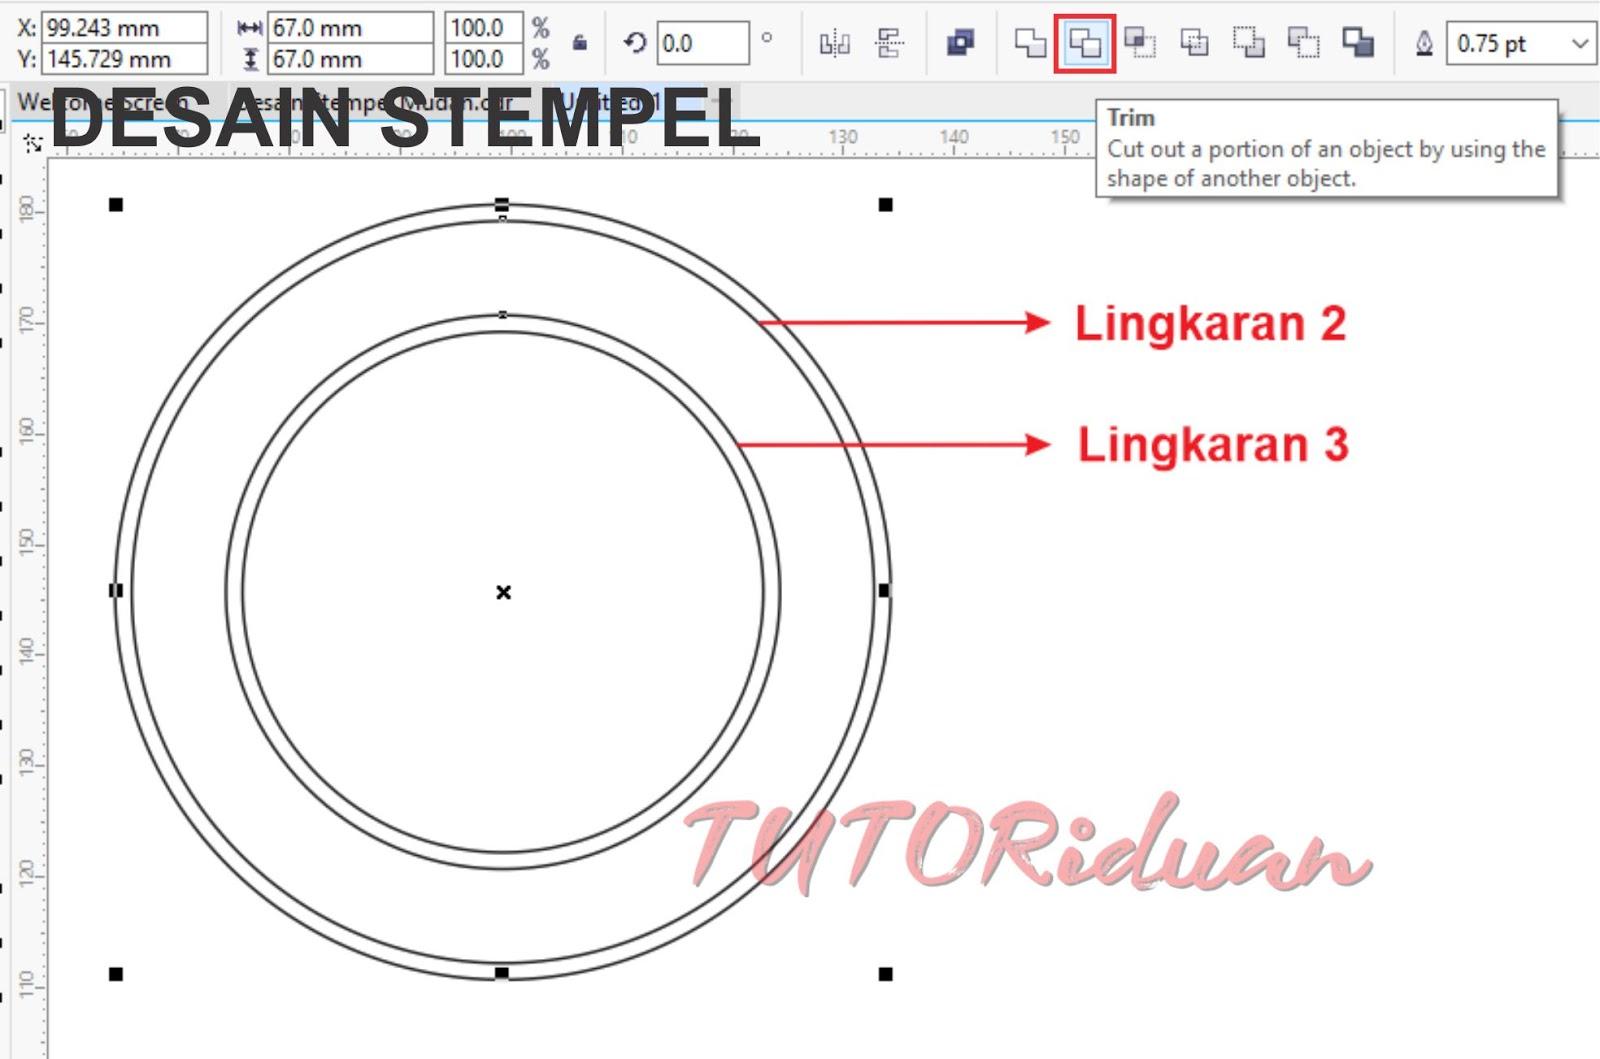 Cara Mudah Membuat Stempel Di Coreldraw Tutoriduan Com